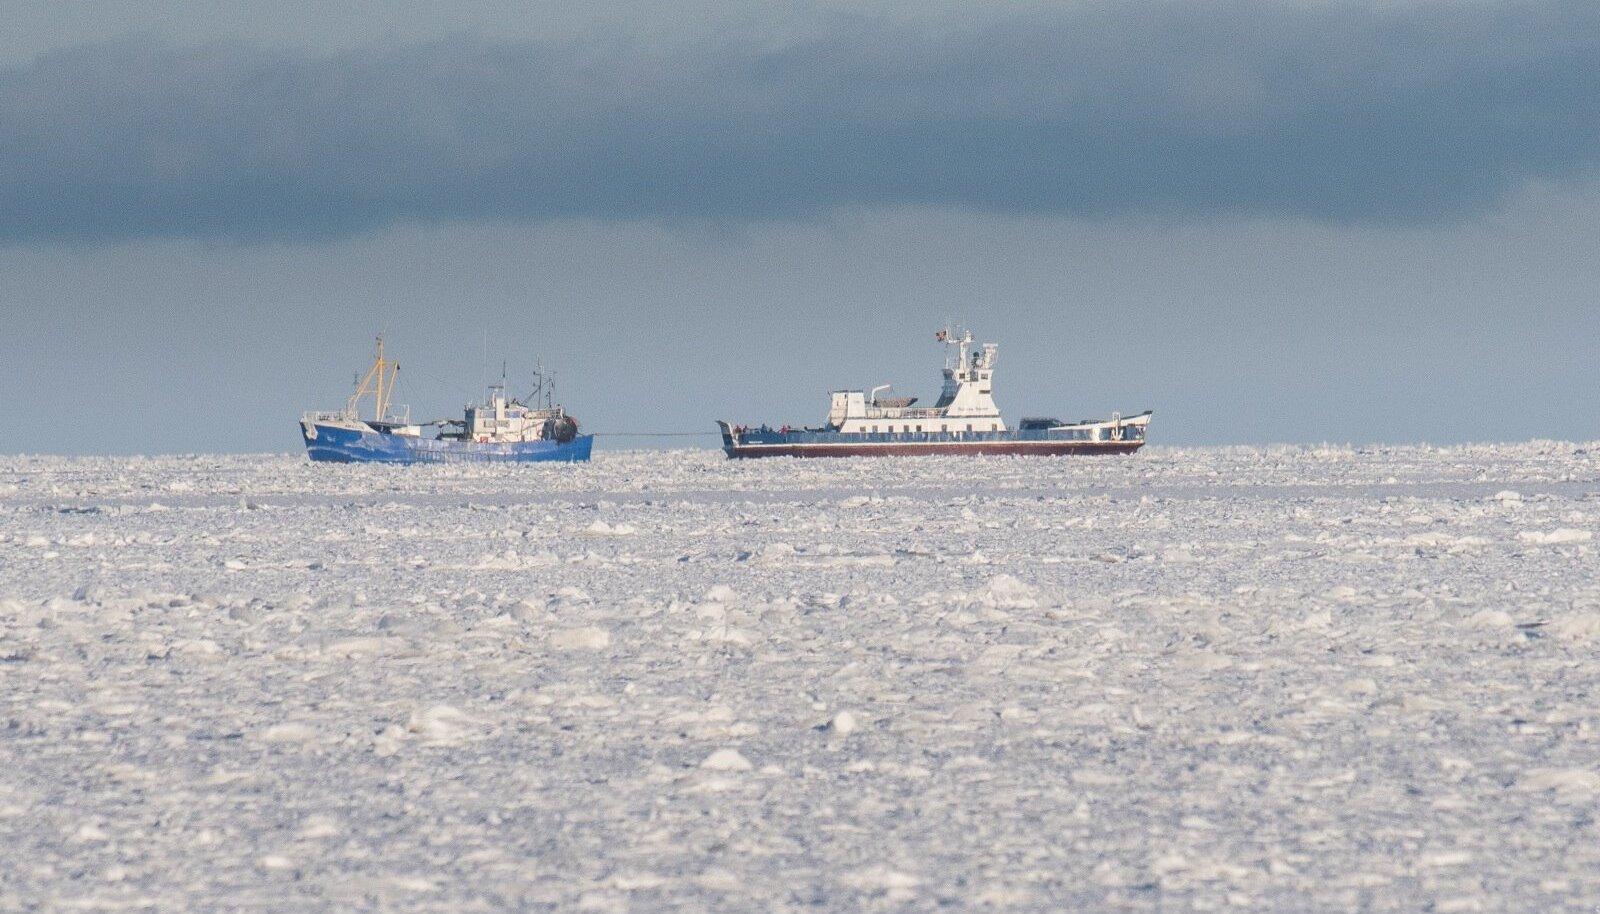 Reedel jäi Subsea Seven mootori seiskumise tõttu neljaks tunniks merele triivima, kuni kalalaev Amazon parvlaeva tagasi Sõru sadamasse pukseeris.